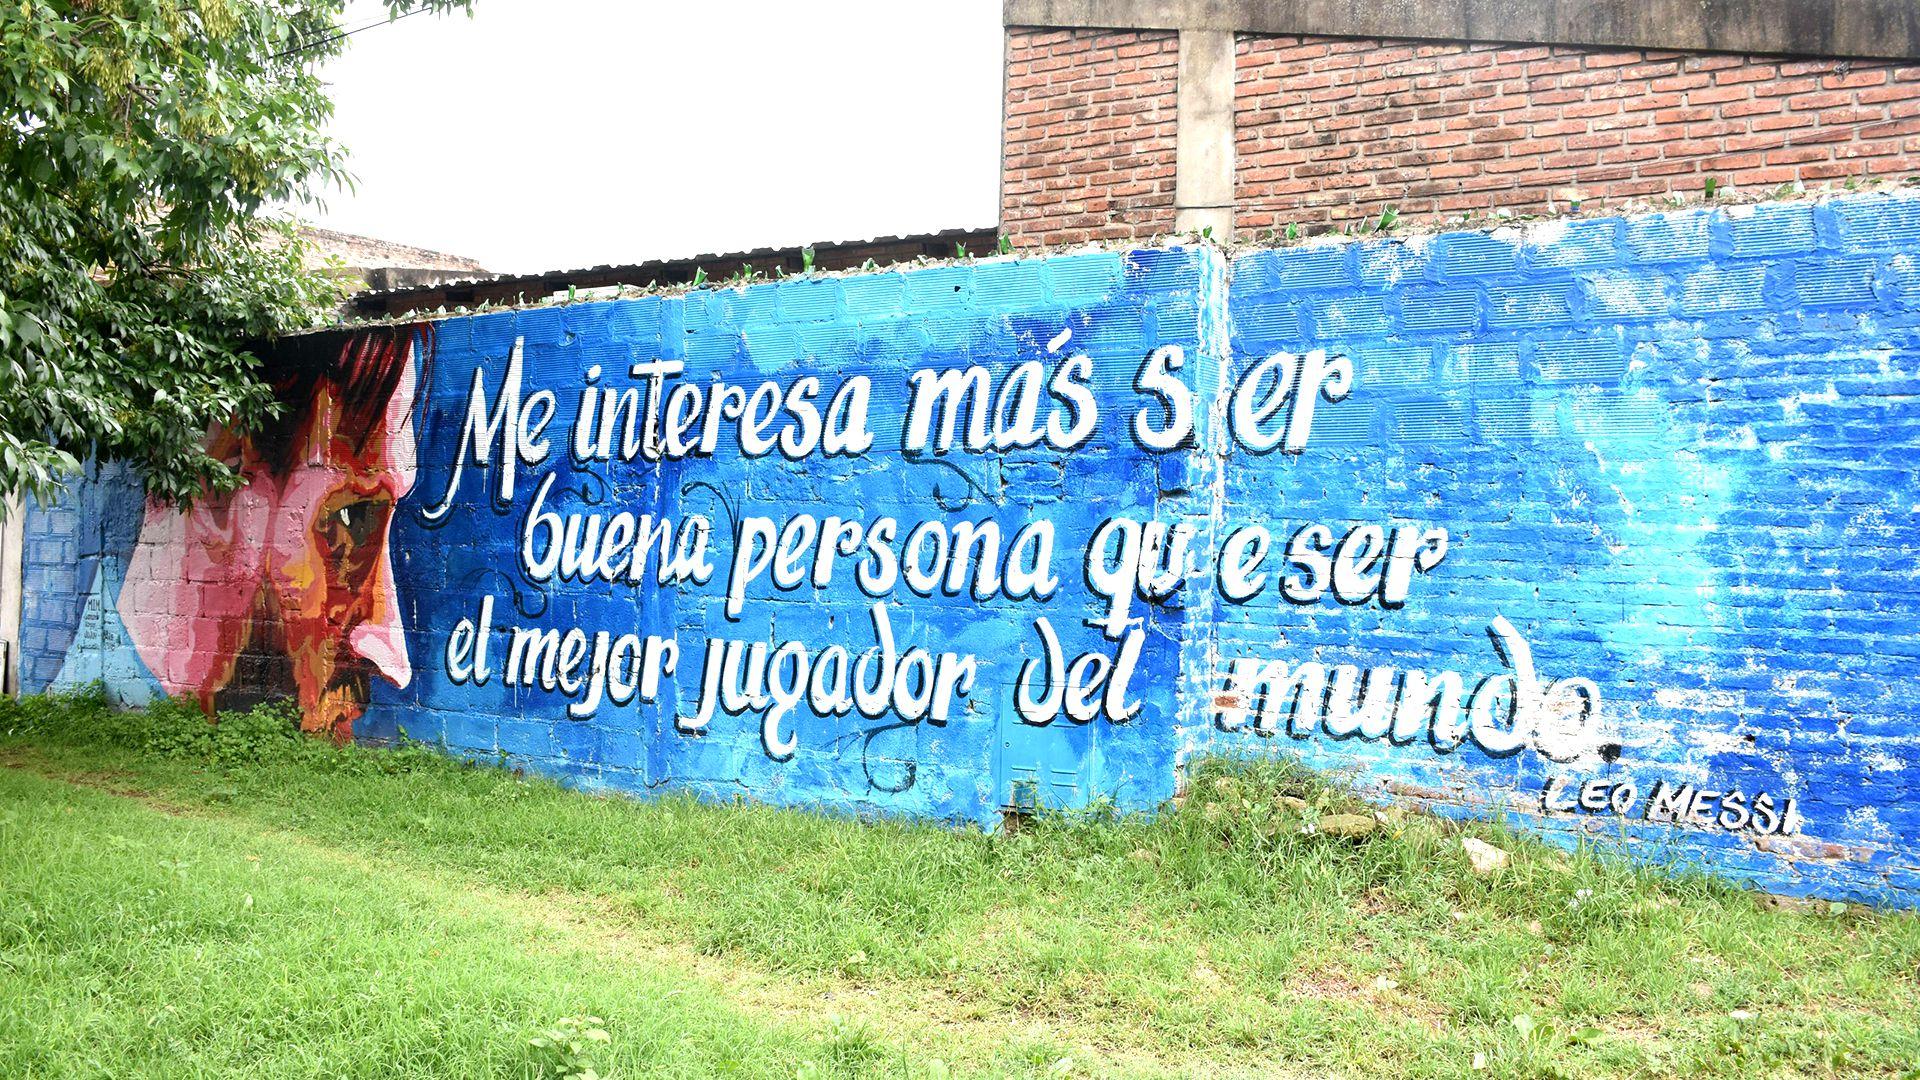 En el barrio donde creció el futbolista argentino, varios murales le ponen color de Messi a esa zona popular de Rosario (Leo Galletto)